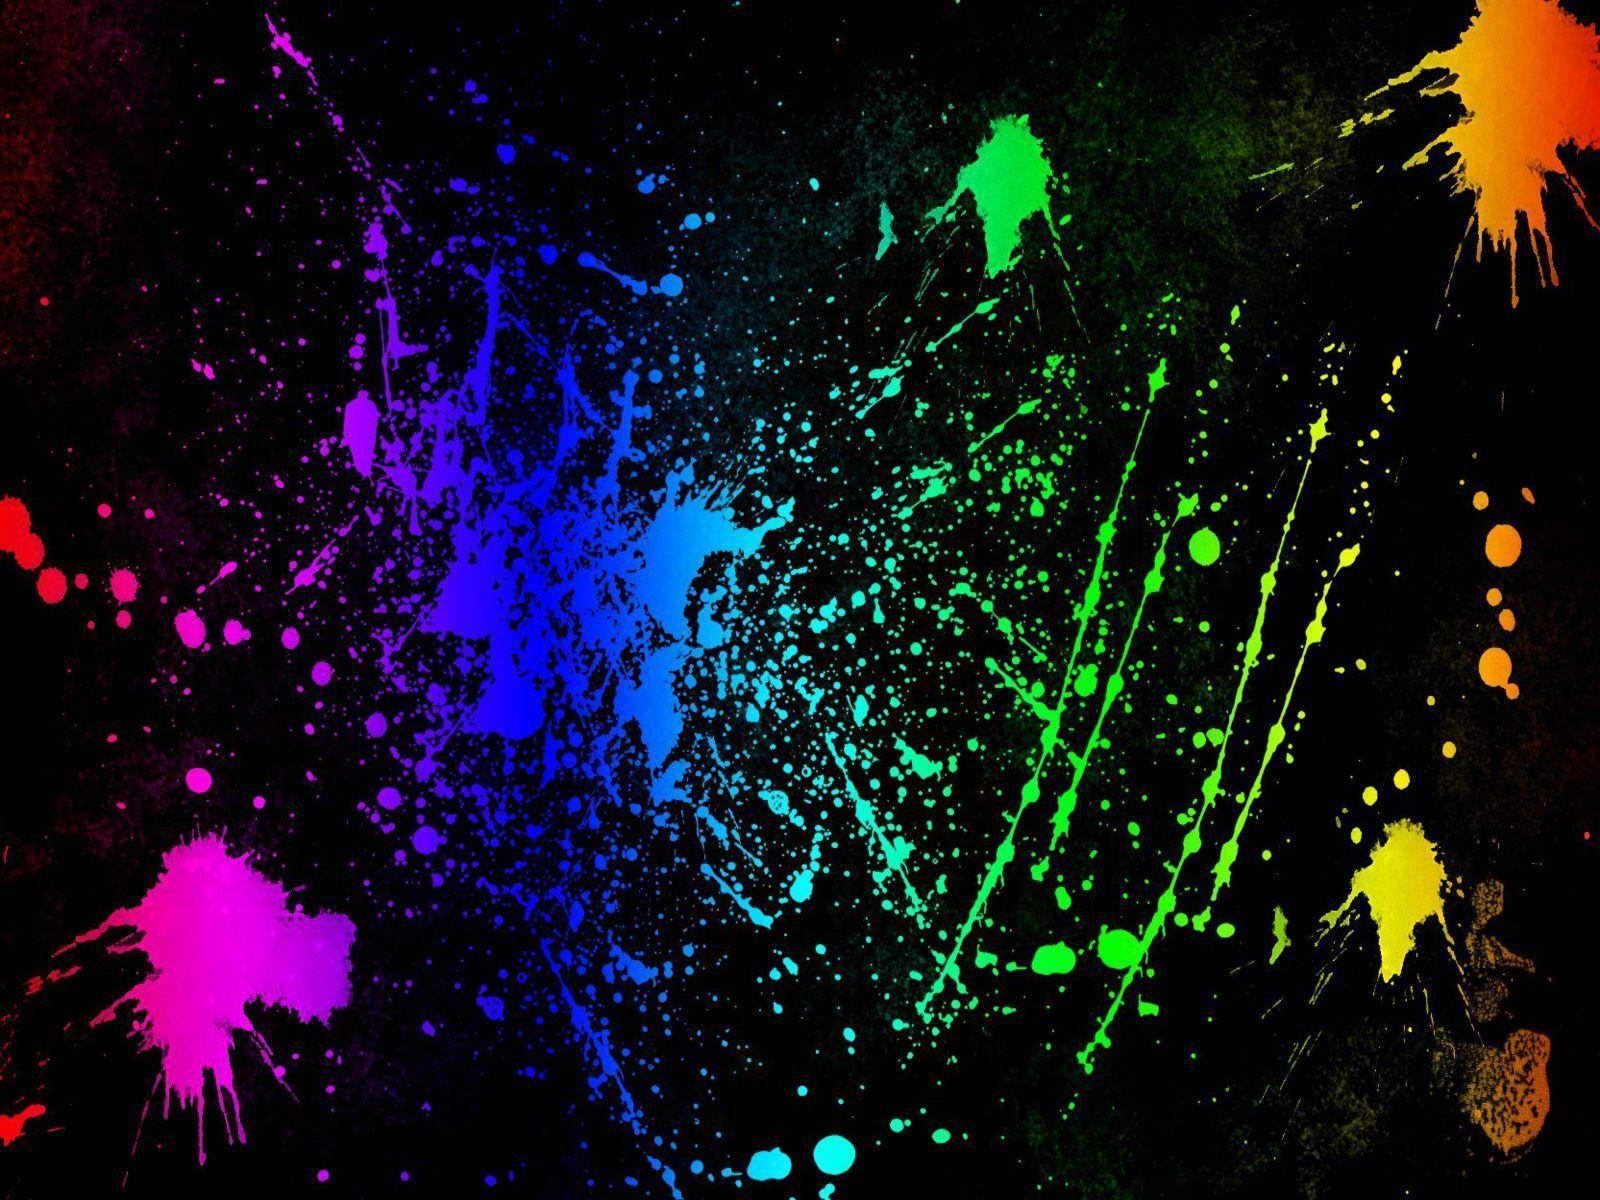 Splatter In 2019 Neon Painting Neon Backgrounds Neon